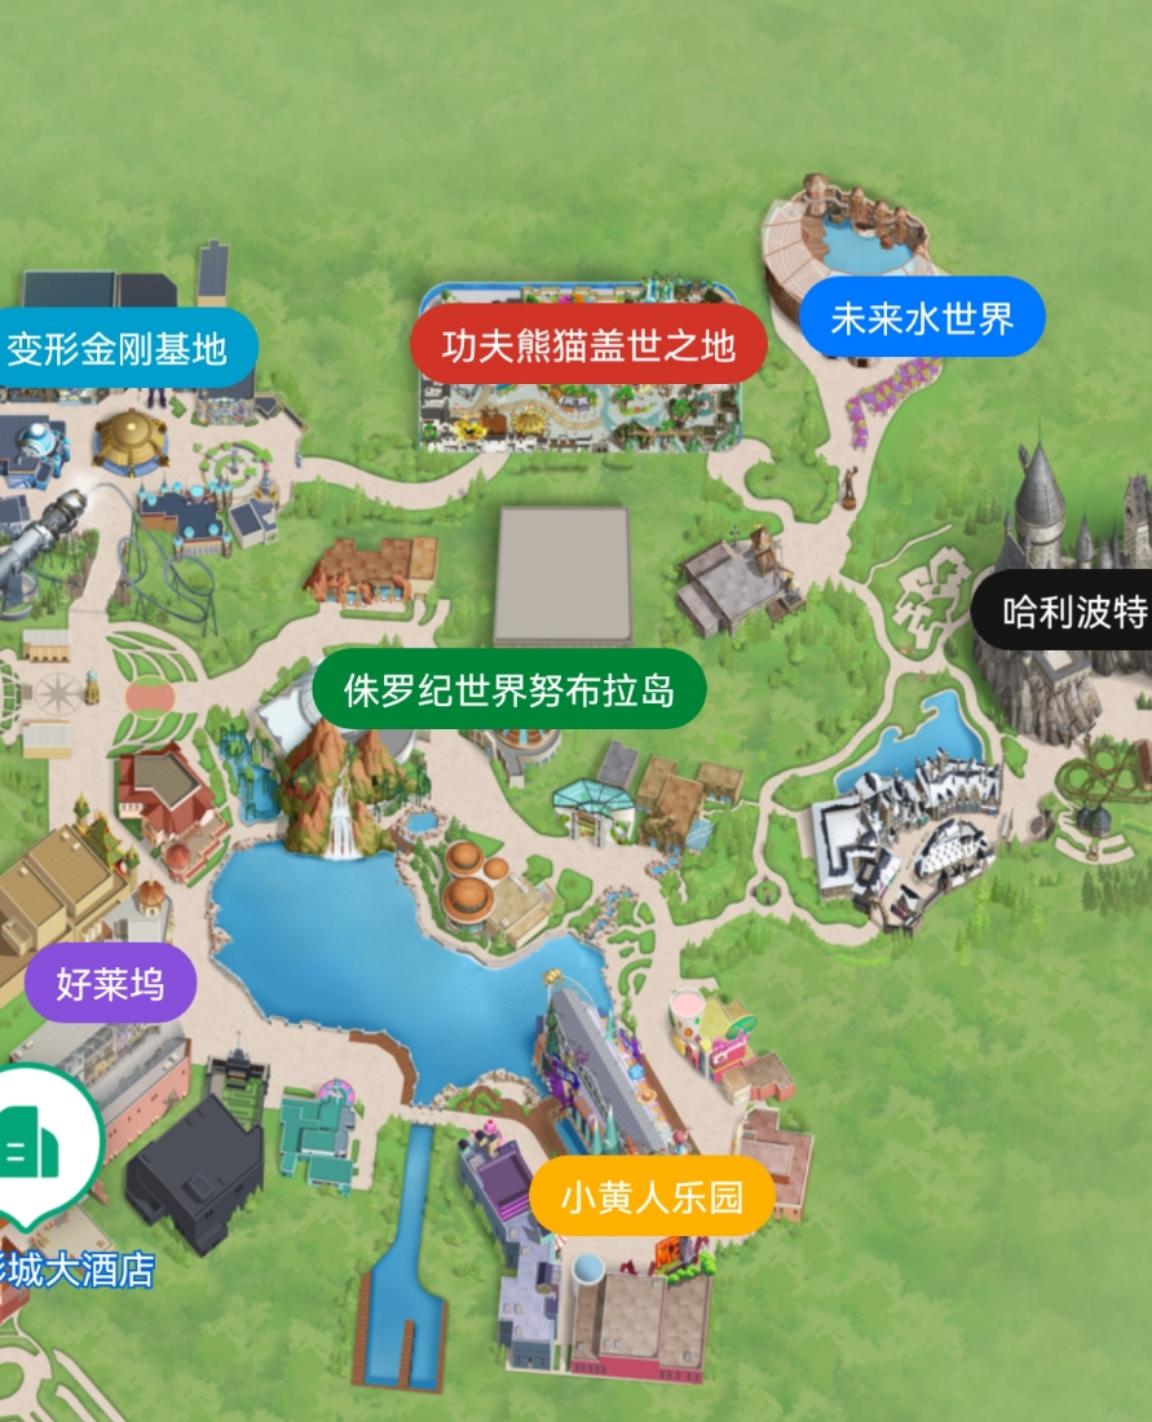 北京环球影城初体验,游玩攻略